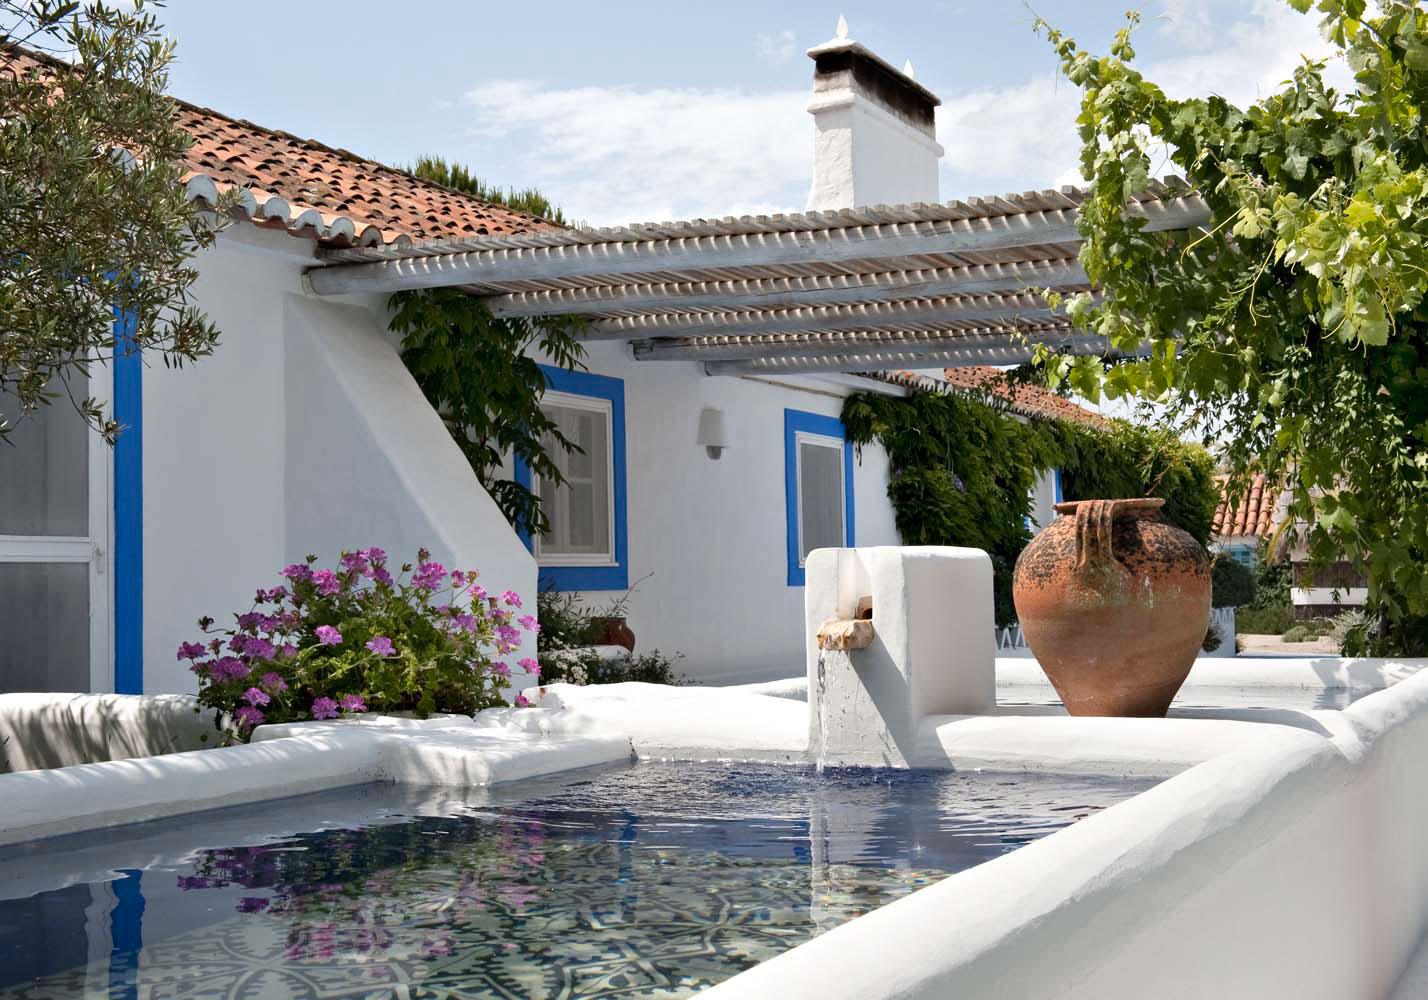 Una casa de verano en portugal tienda online de - Casa decoracion catalogo ...